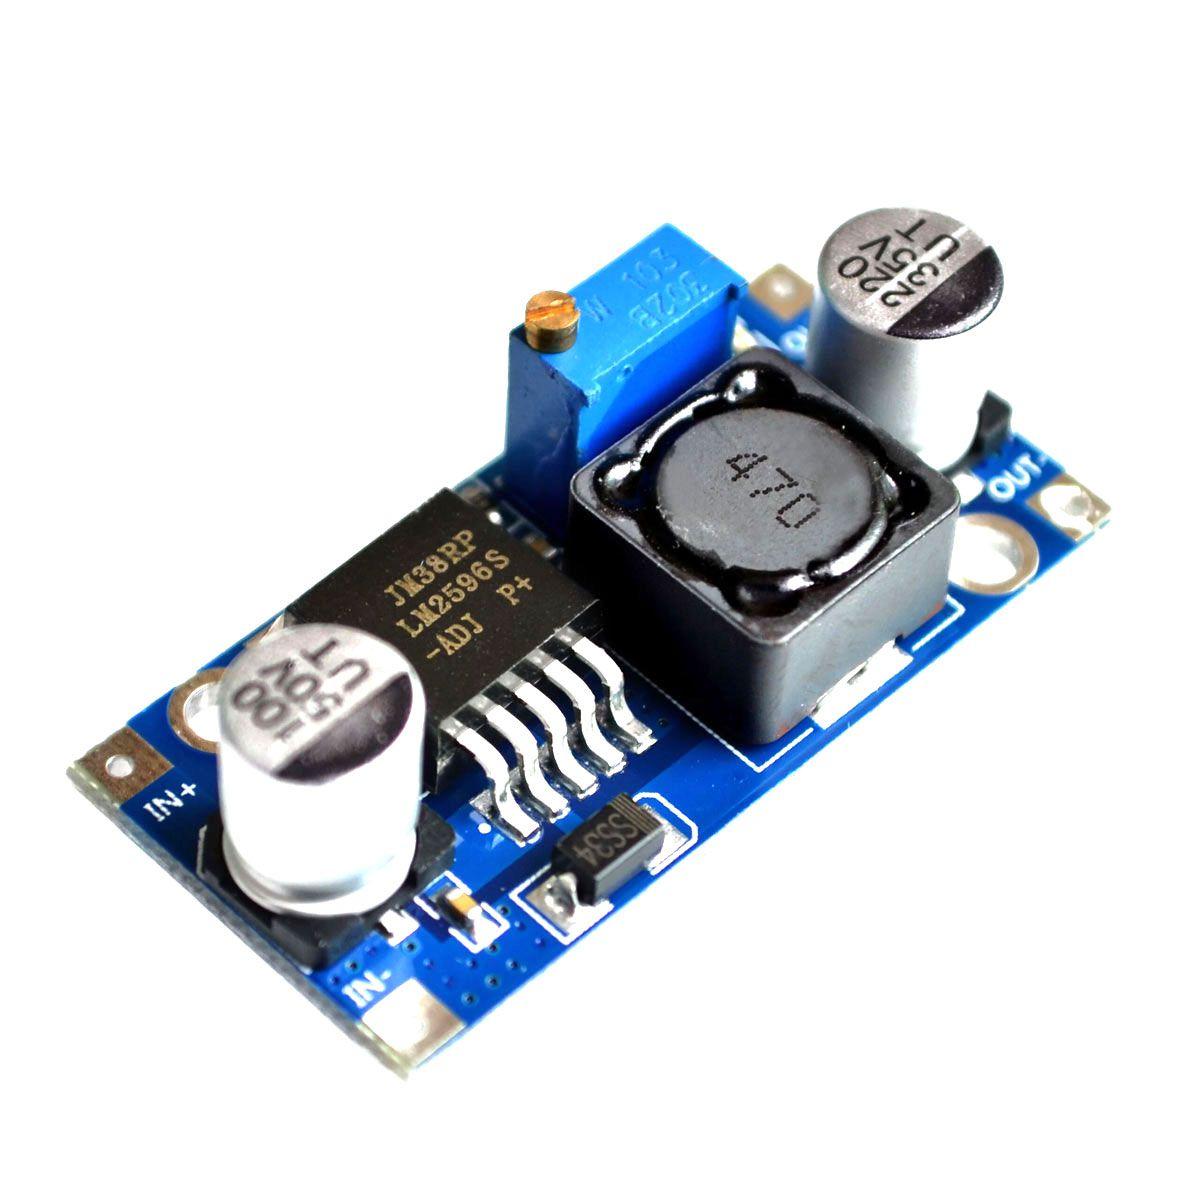 4x Regulador de Tensão Step Down - Buck Conversor DC DC LM2596 3A